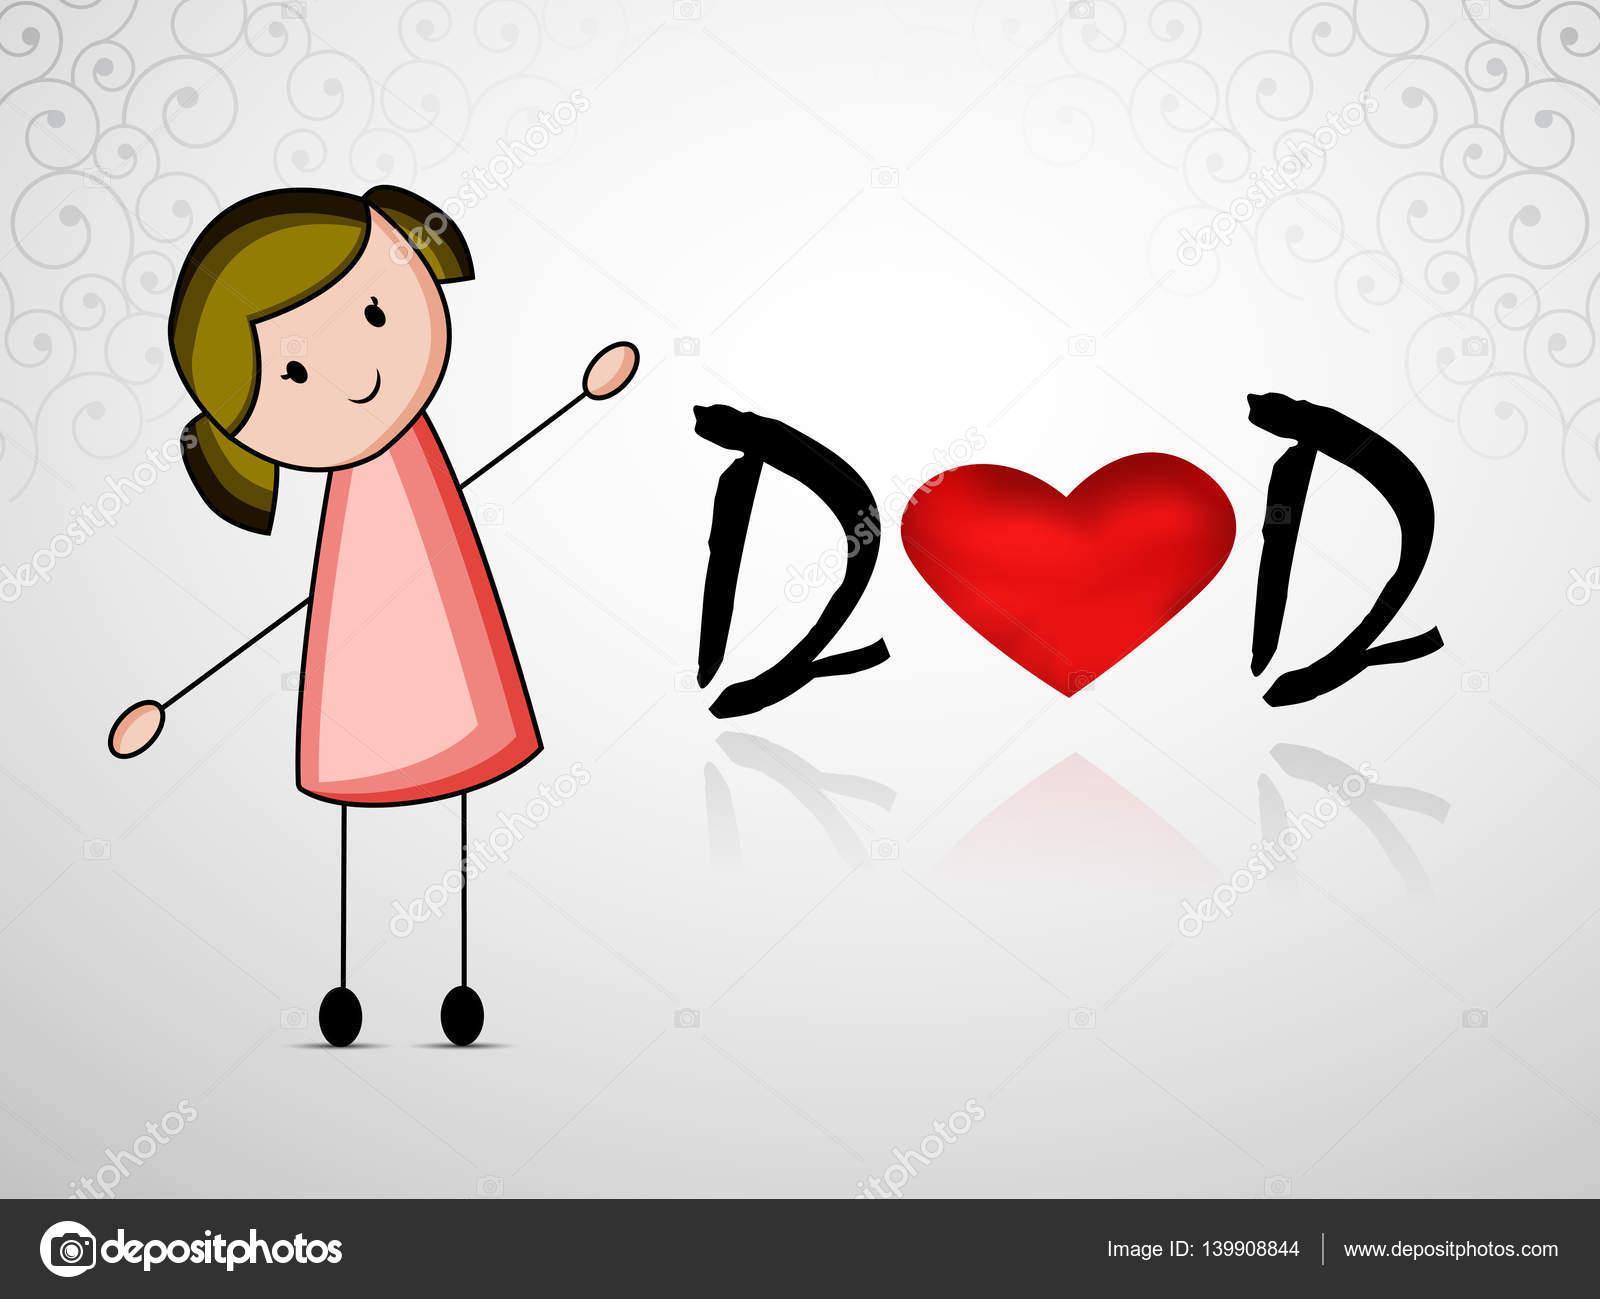 Fondo Dia Del Padre: Ilustración De Fondo Para El Día Del Padre